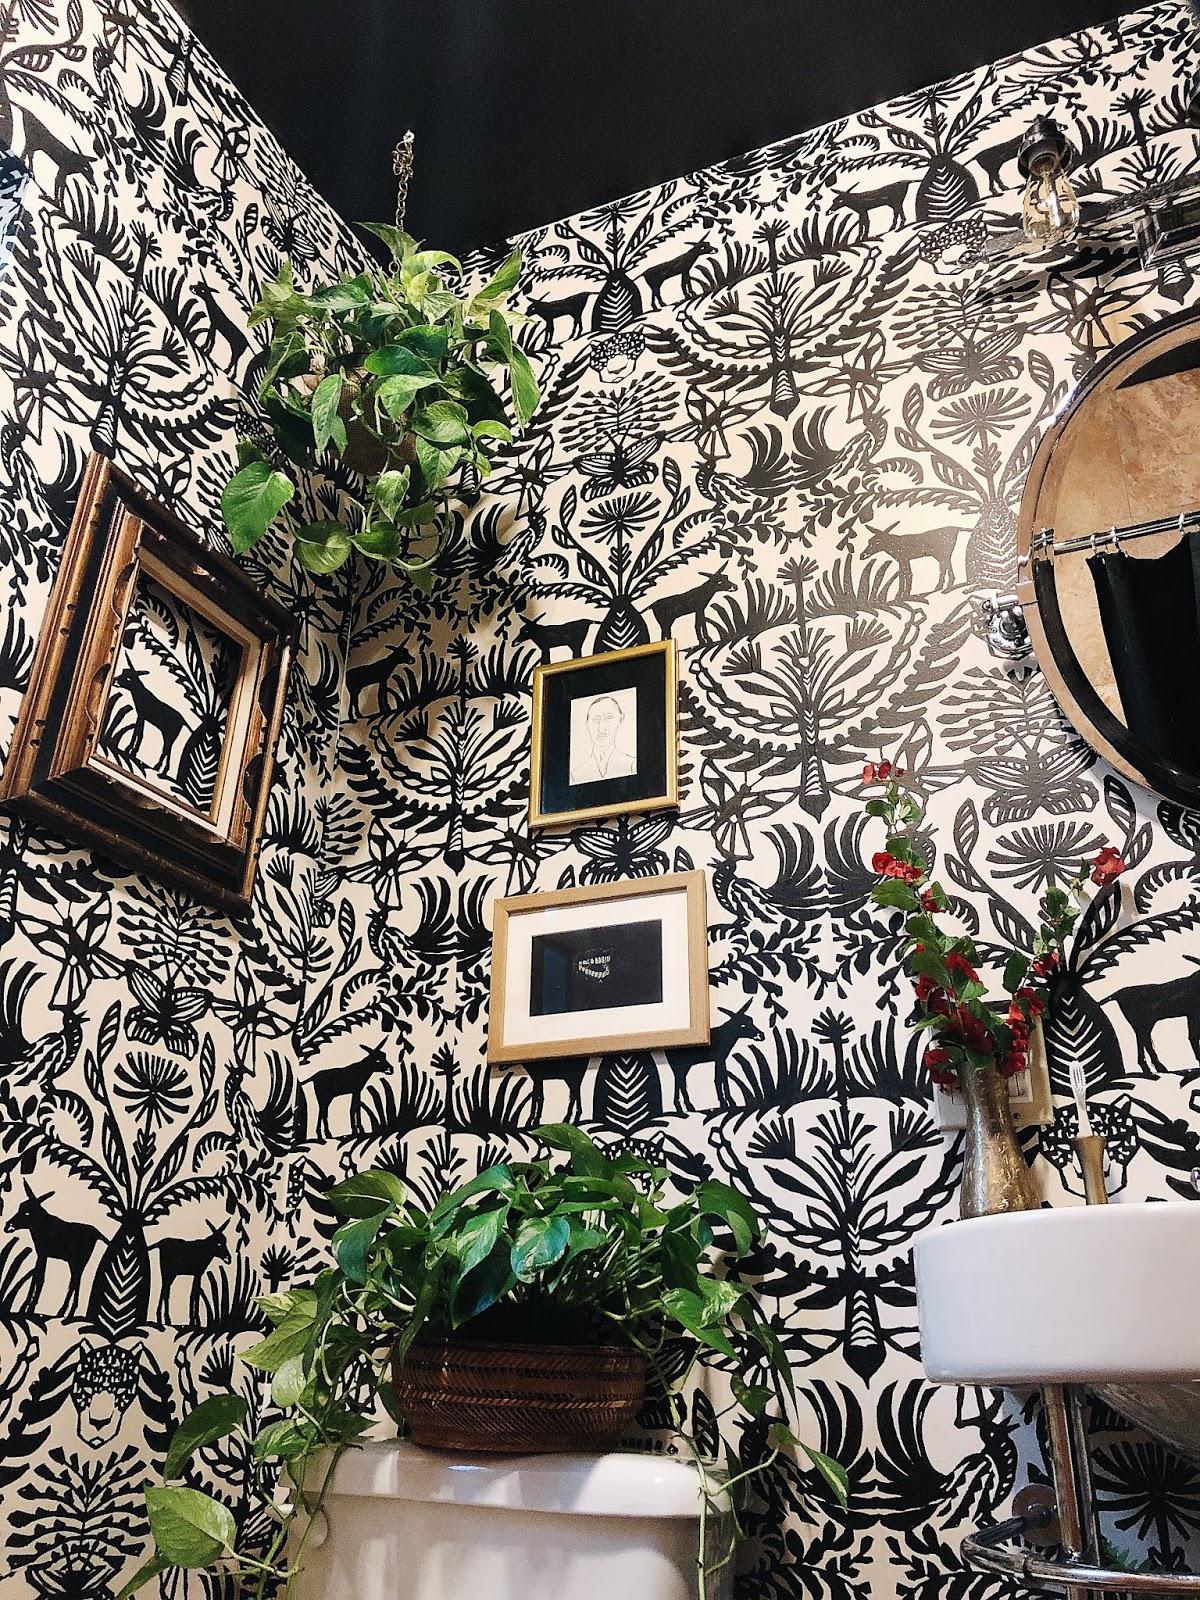 arte boheme, miami interior design, miami interior designer, miami blogger, bathroom makeover, bohemian bathroom, boho decor, boho bathroom, Opalhouse, opalhouse wallpaper